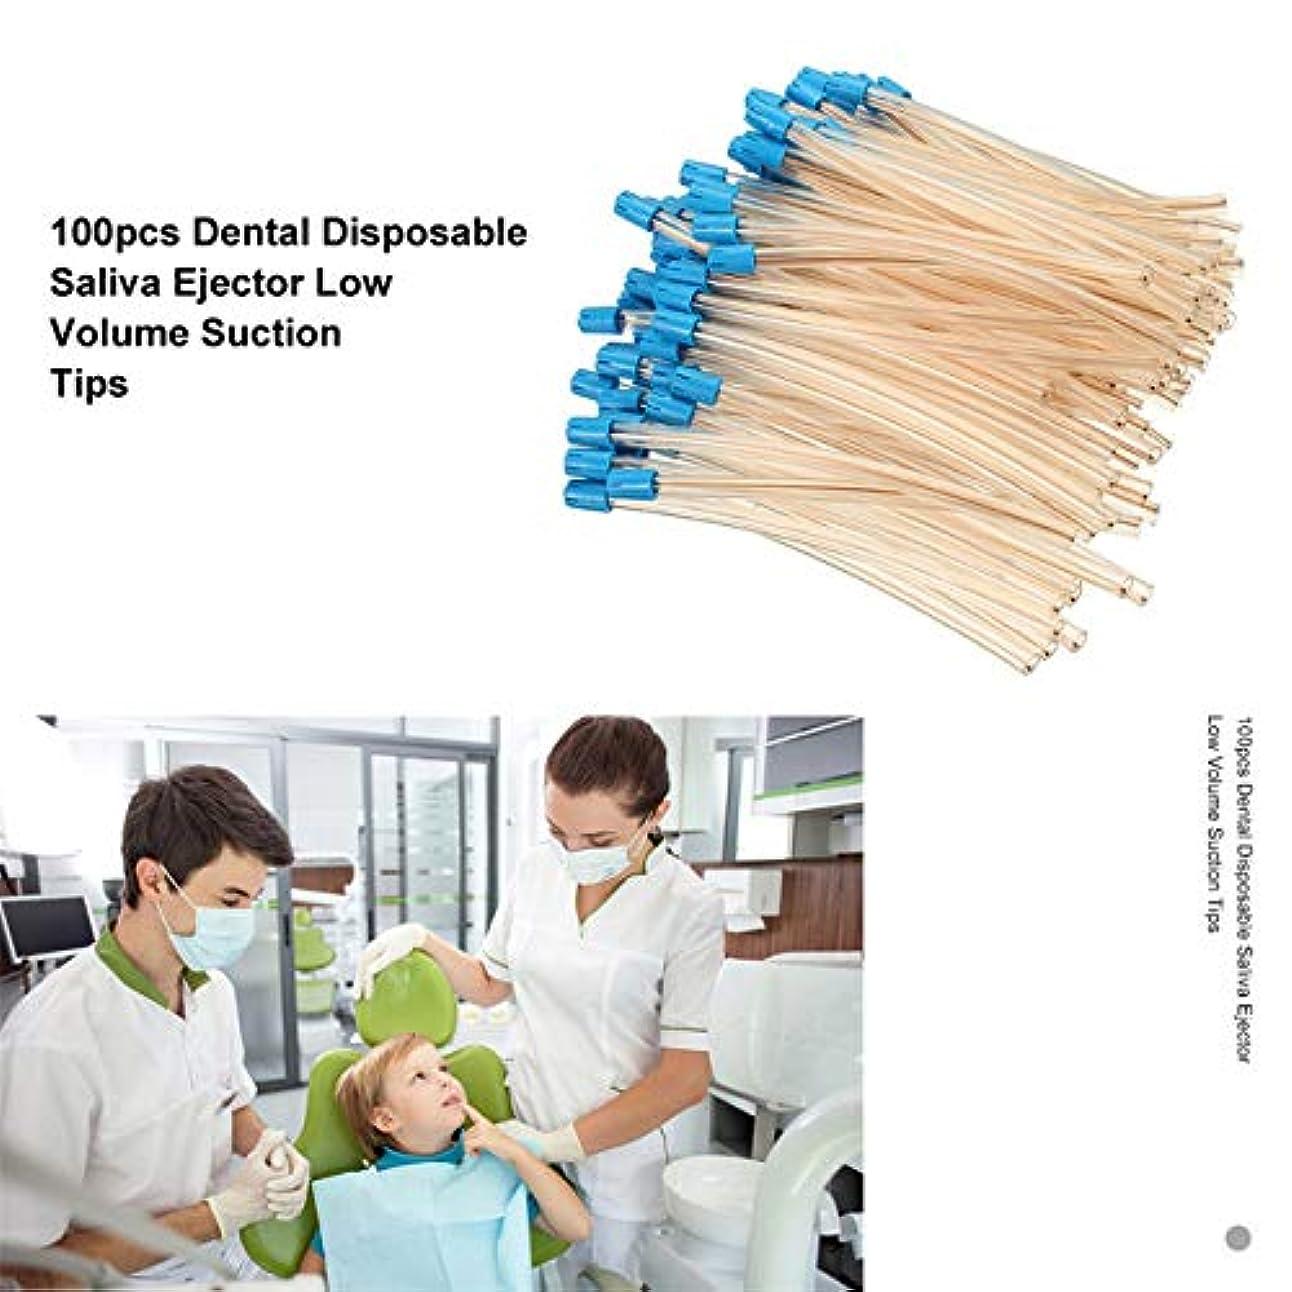 処理宿題をする今日Rabugoo 100個の歯科用使い捨て唾液エジェクタ低容量吸引チップアスピレータチューブオーラルケアツール